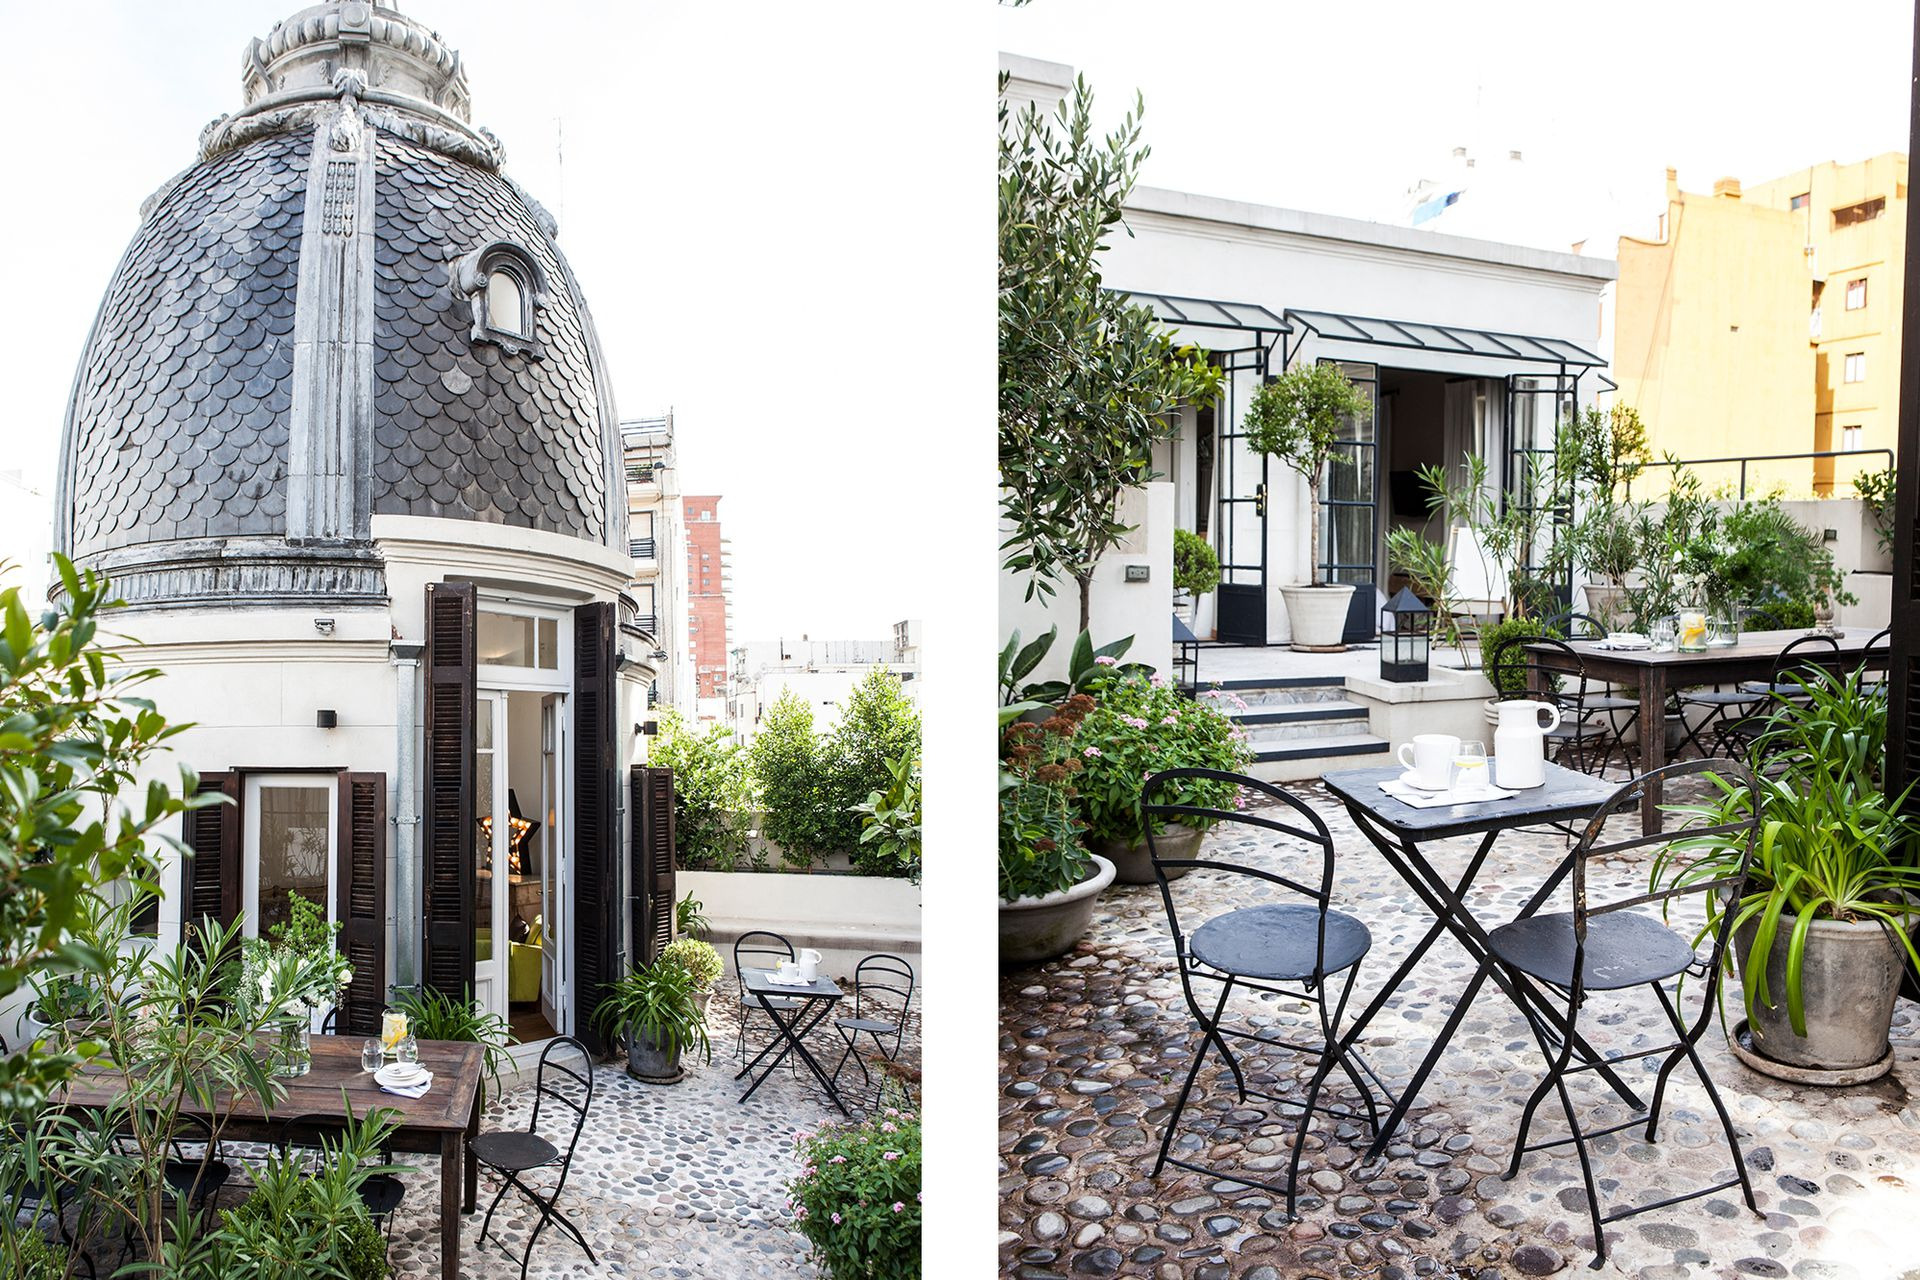 Los cerramientos industriales del patio interior se replicaron en la terraza complementados con el mobiliario del mismo material.